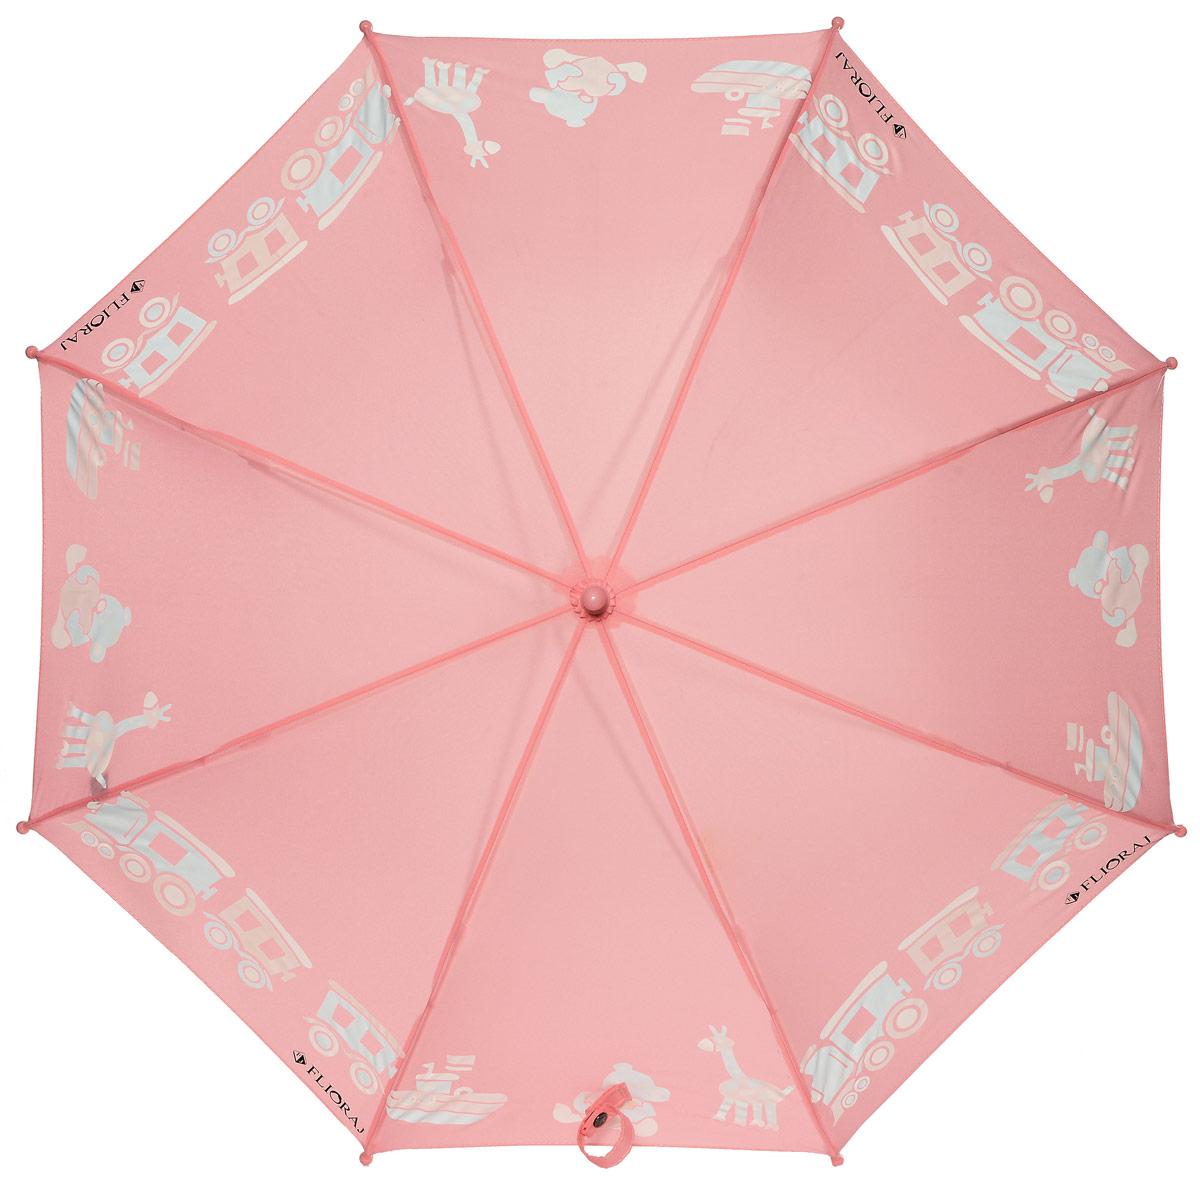 Зонт детский Flioraj, механика, трость, цвет: розовый.051212K50K503414_0010Механический прочный детский зонт - надежная защита в непогоду. Яркие цвета поднимут настроение, а интересный эффект - проявление красок на рисунке, будет удивлять и радовать каждый раз! Предназначен для детей младшего и среднего школьного возраста. Безопасная технология открывания и закрывания. Спицы зонта изготовлены из долговечного, но легкого фибергласса, что делает его ветроустойчивым и прочным.